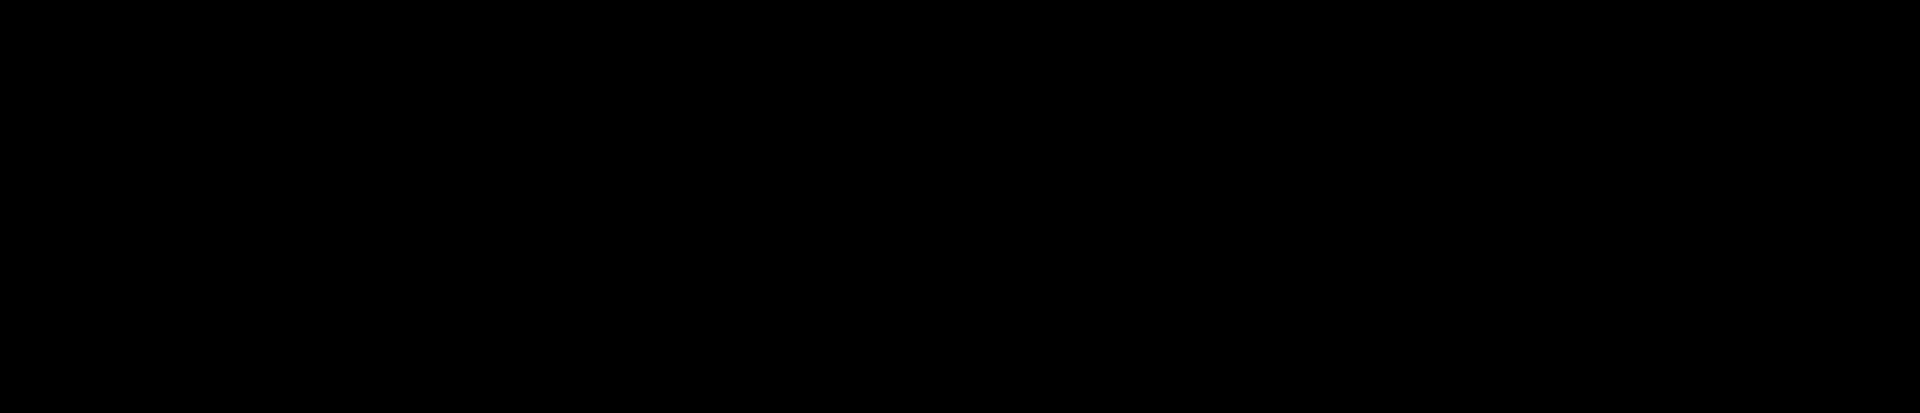 Fernlore